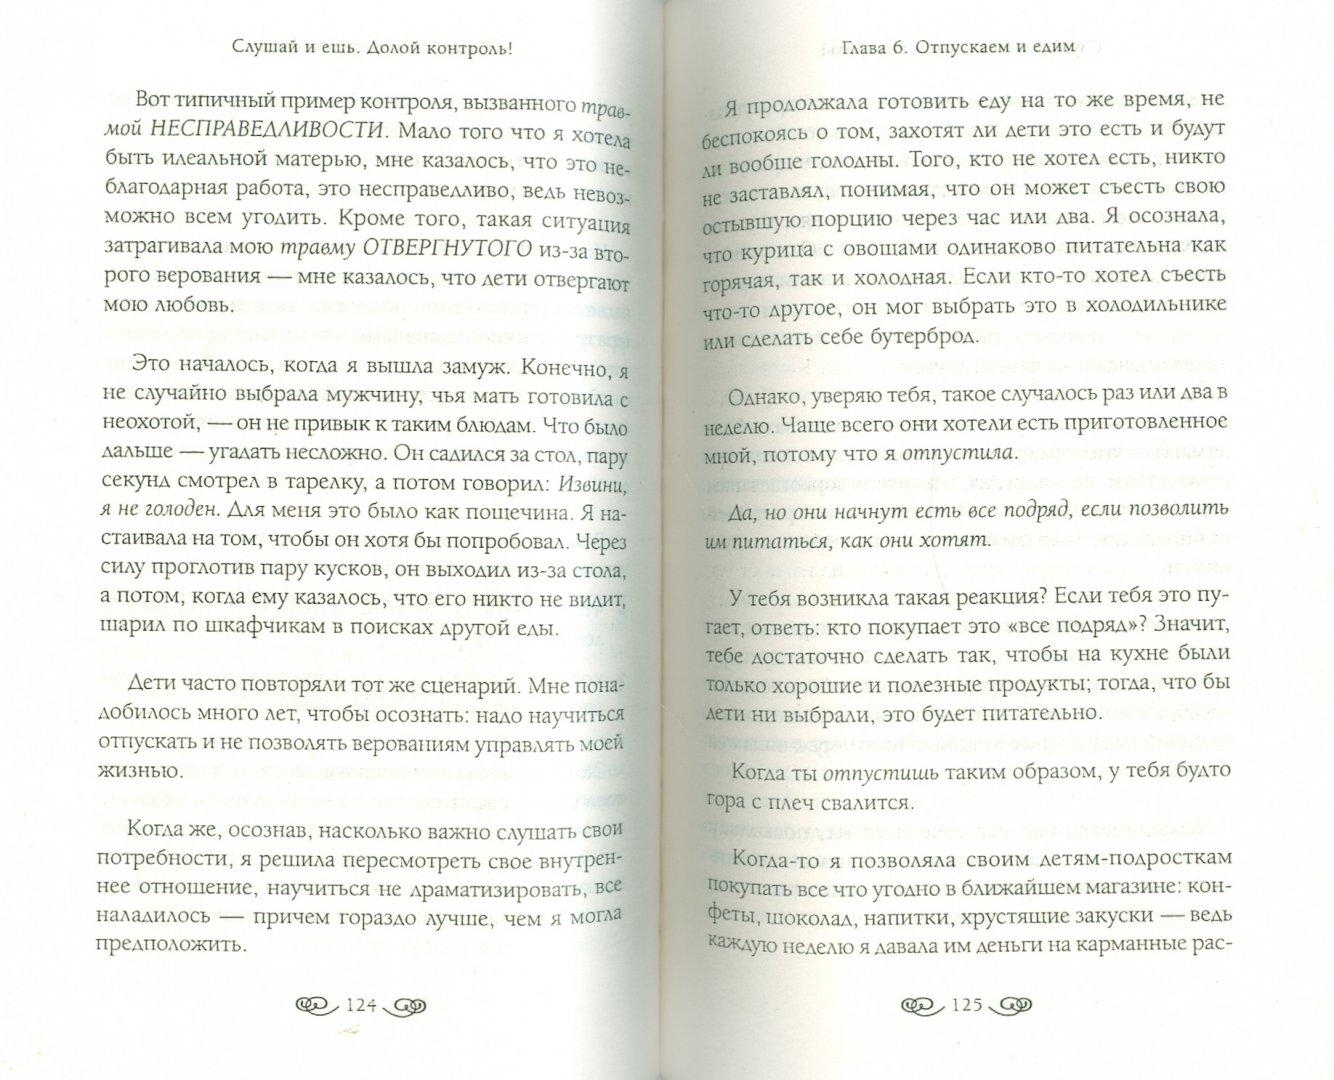 Иллюстрация 1 из 2 для Слушай и ешь: Долой контроль! - Лиз Бурбо | Лабиринт - книги. Источник: Лабиринт